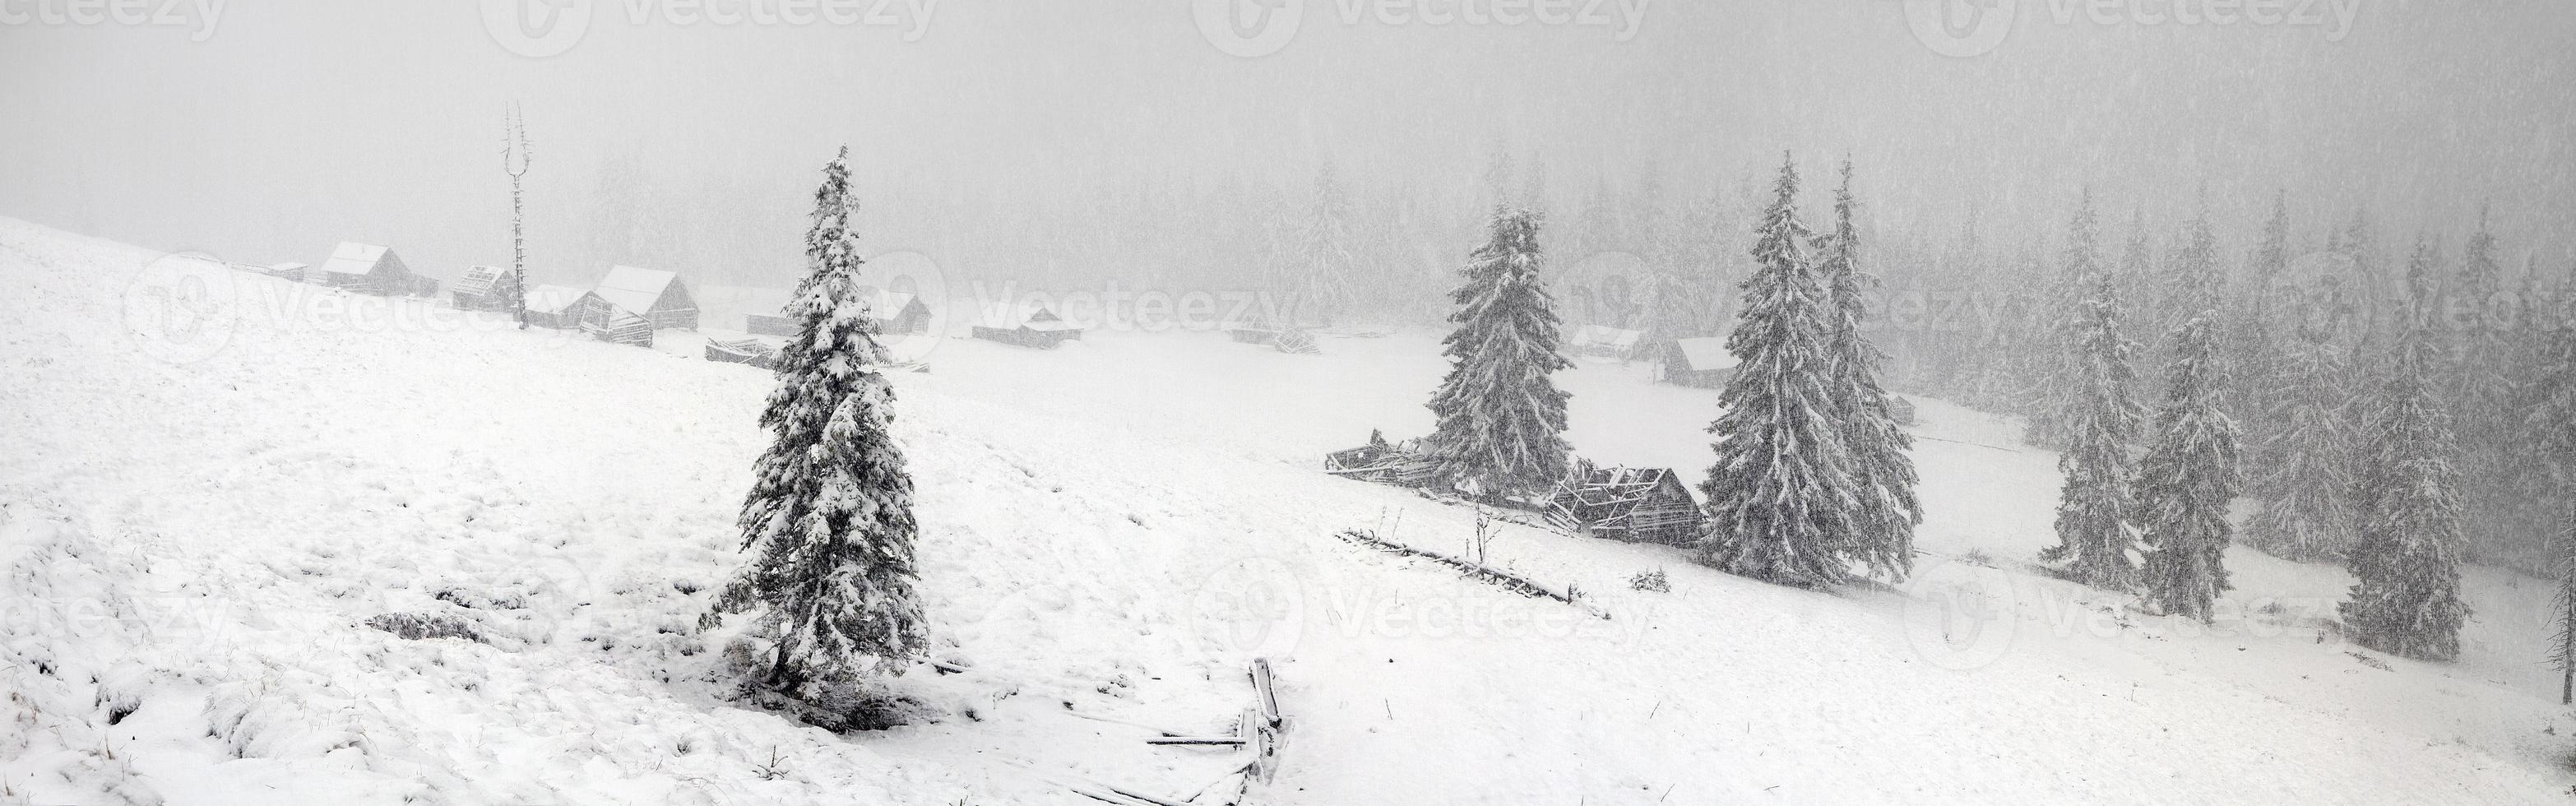 alpin ist das Klima foto